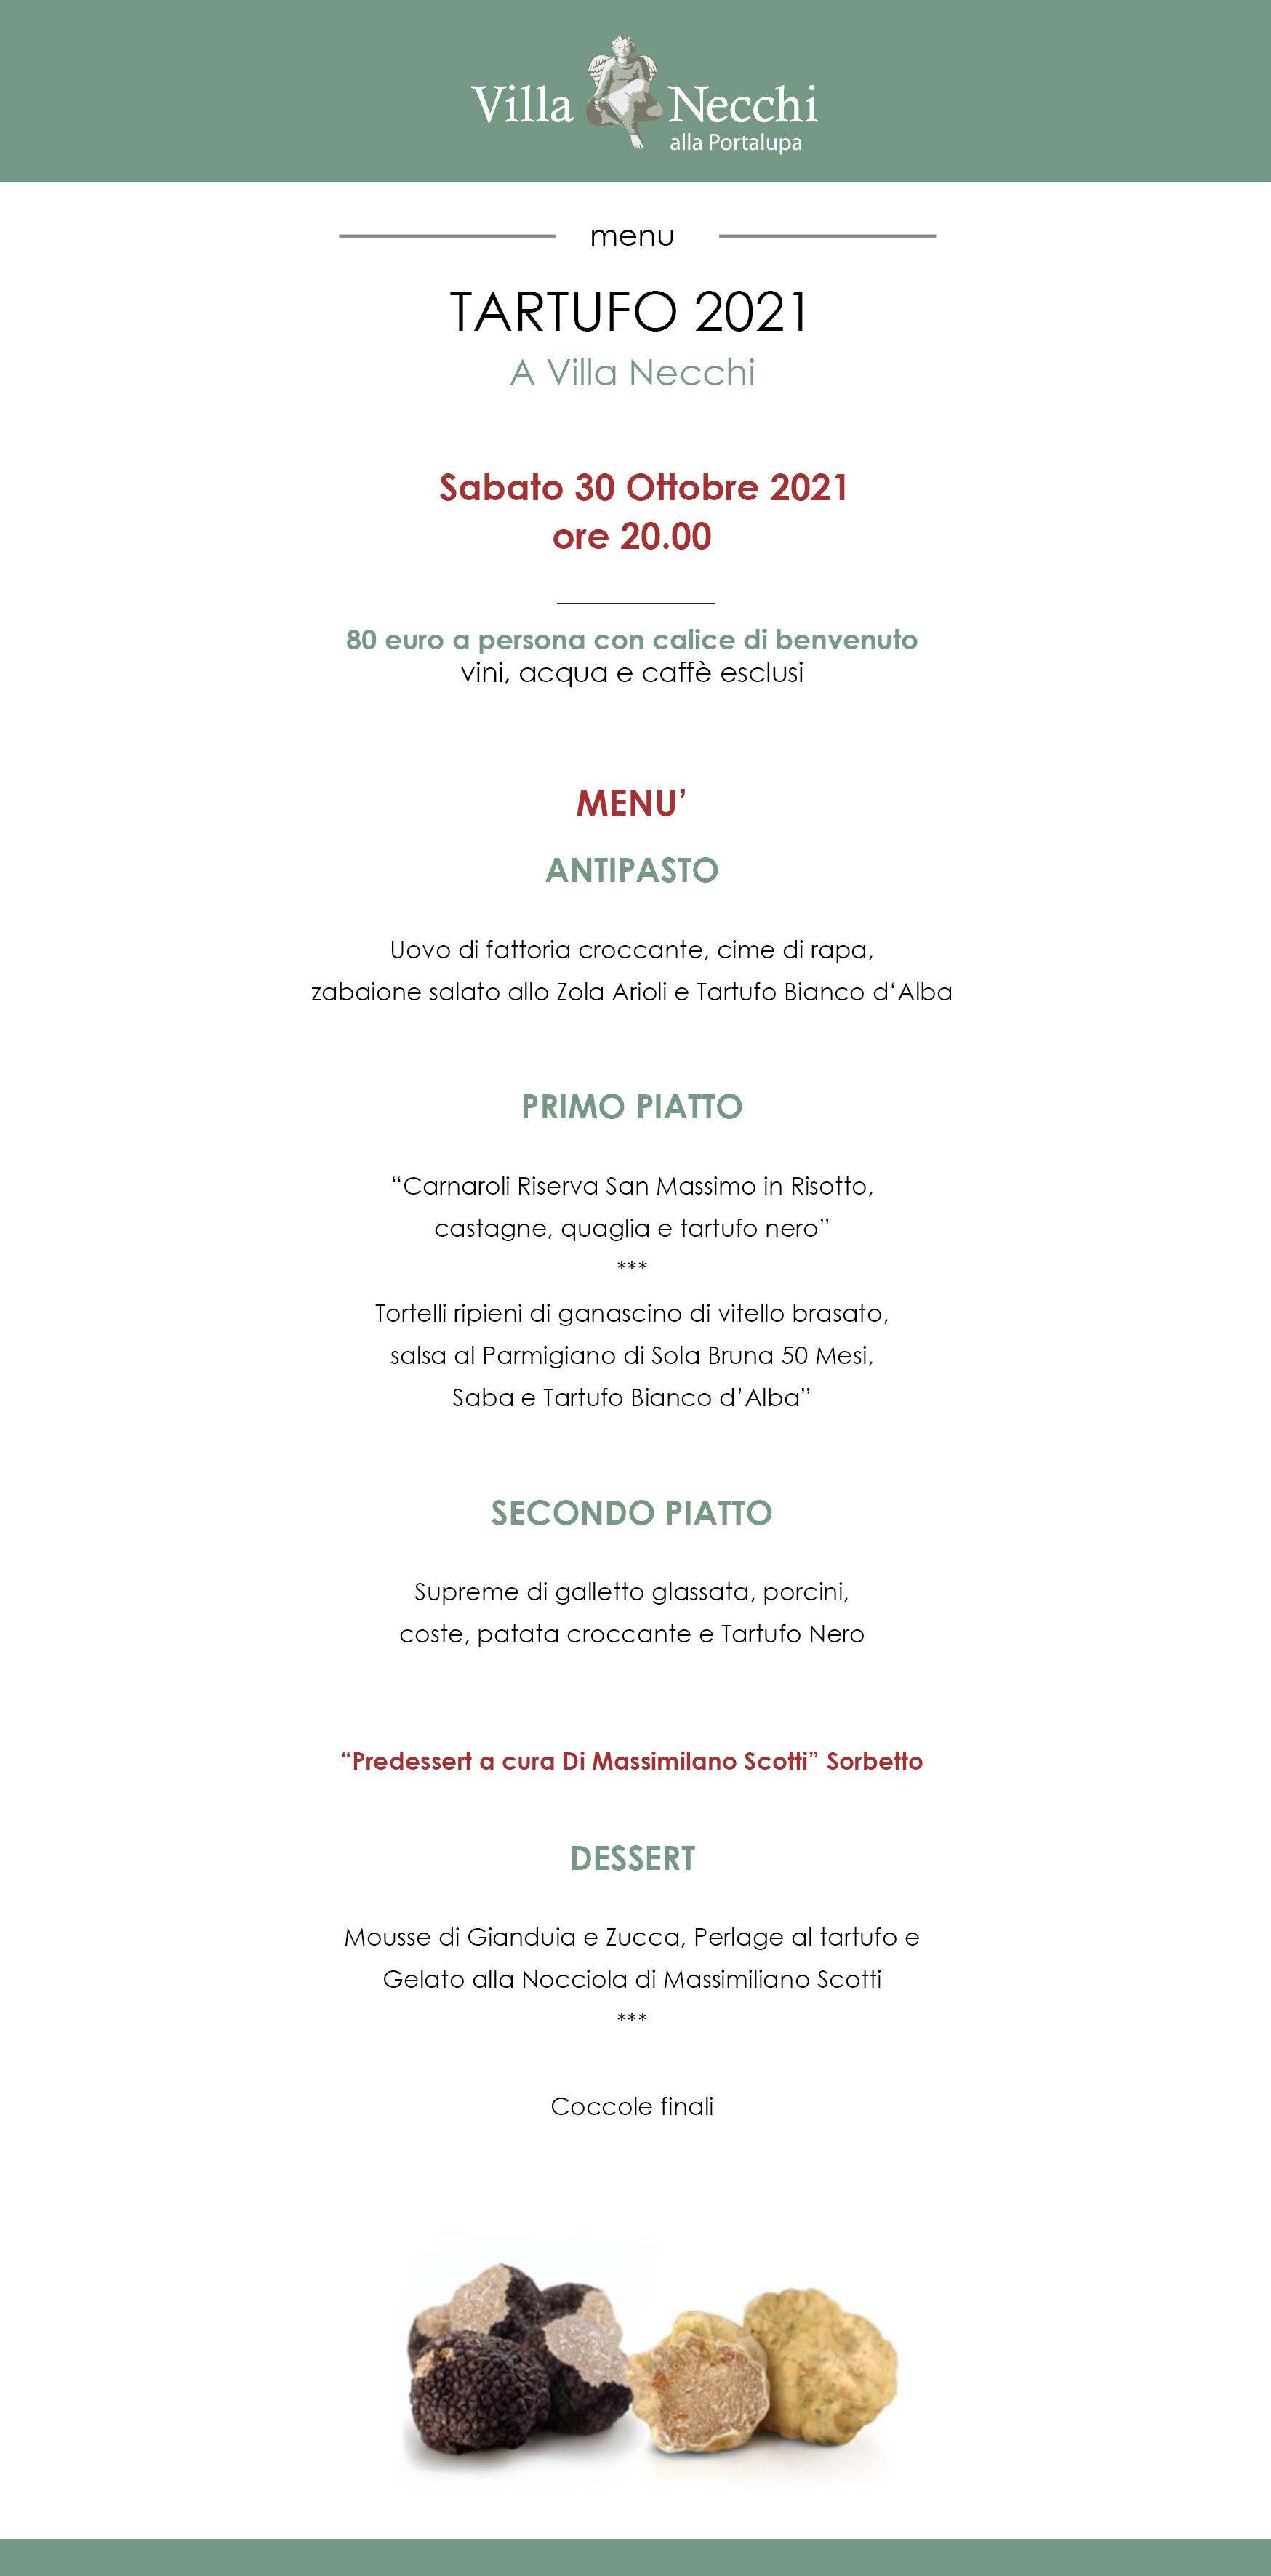 menu tartufo 2021